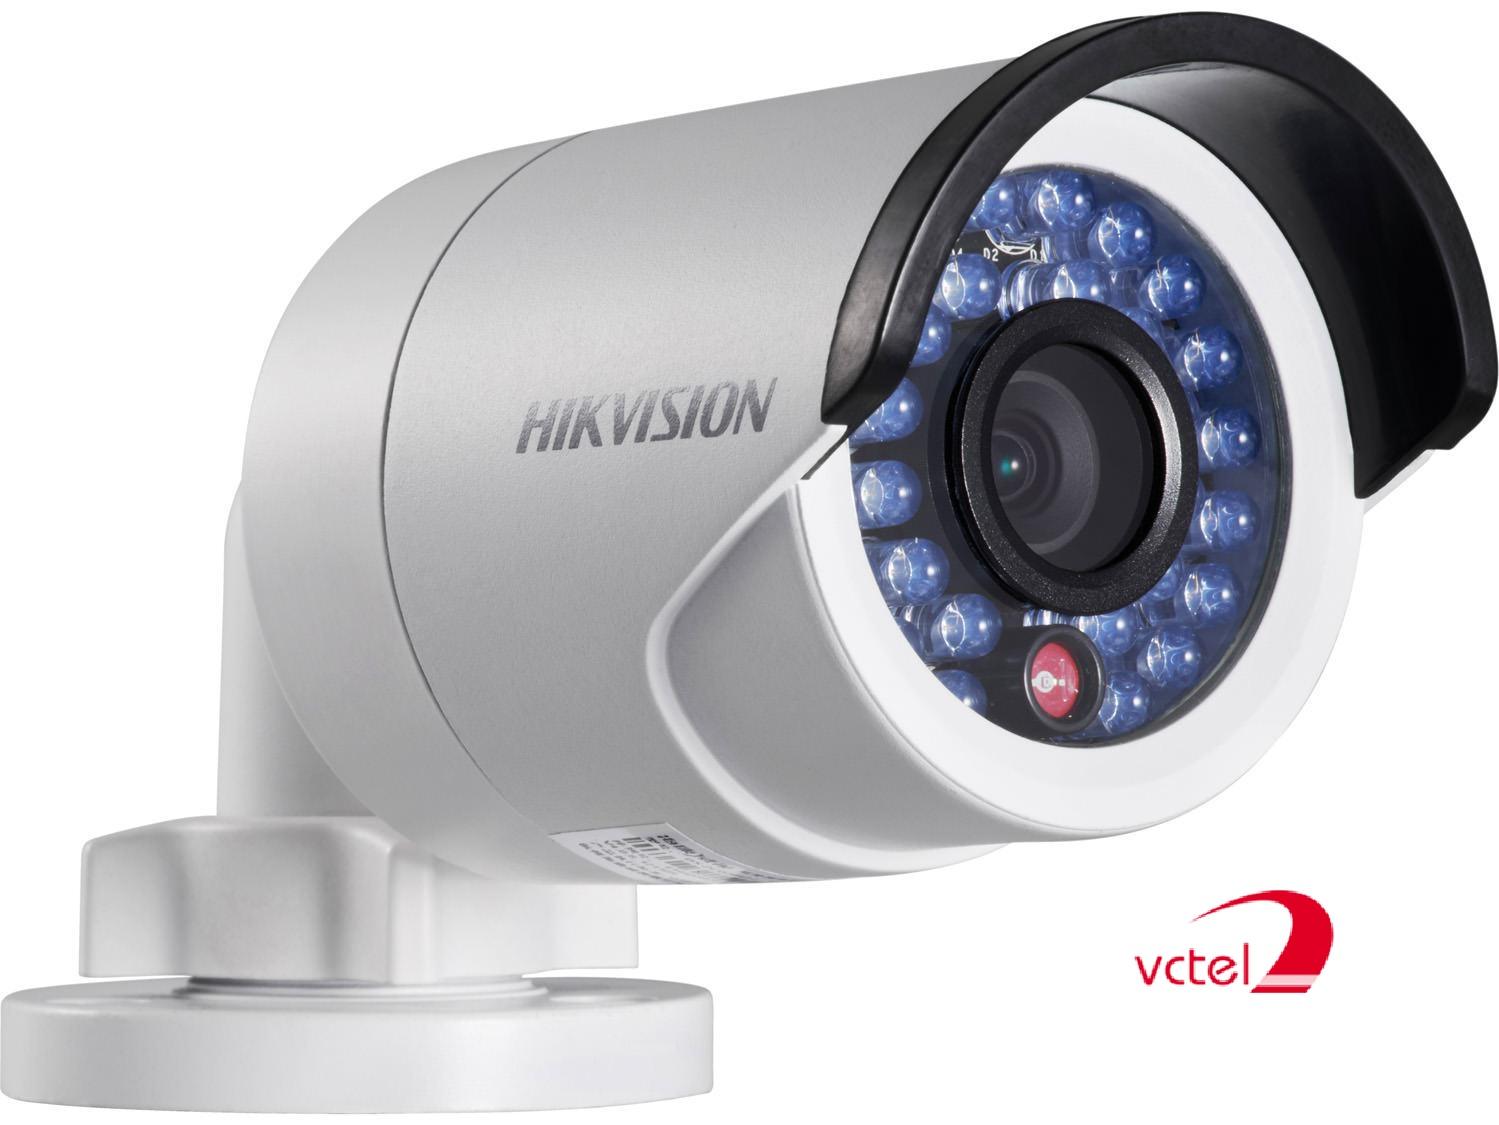 Lắp đặt hệ thống camera IP Hikvision DS-2CD2042WD-I chất lượng vctel